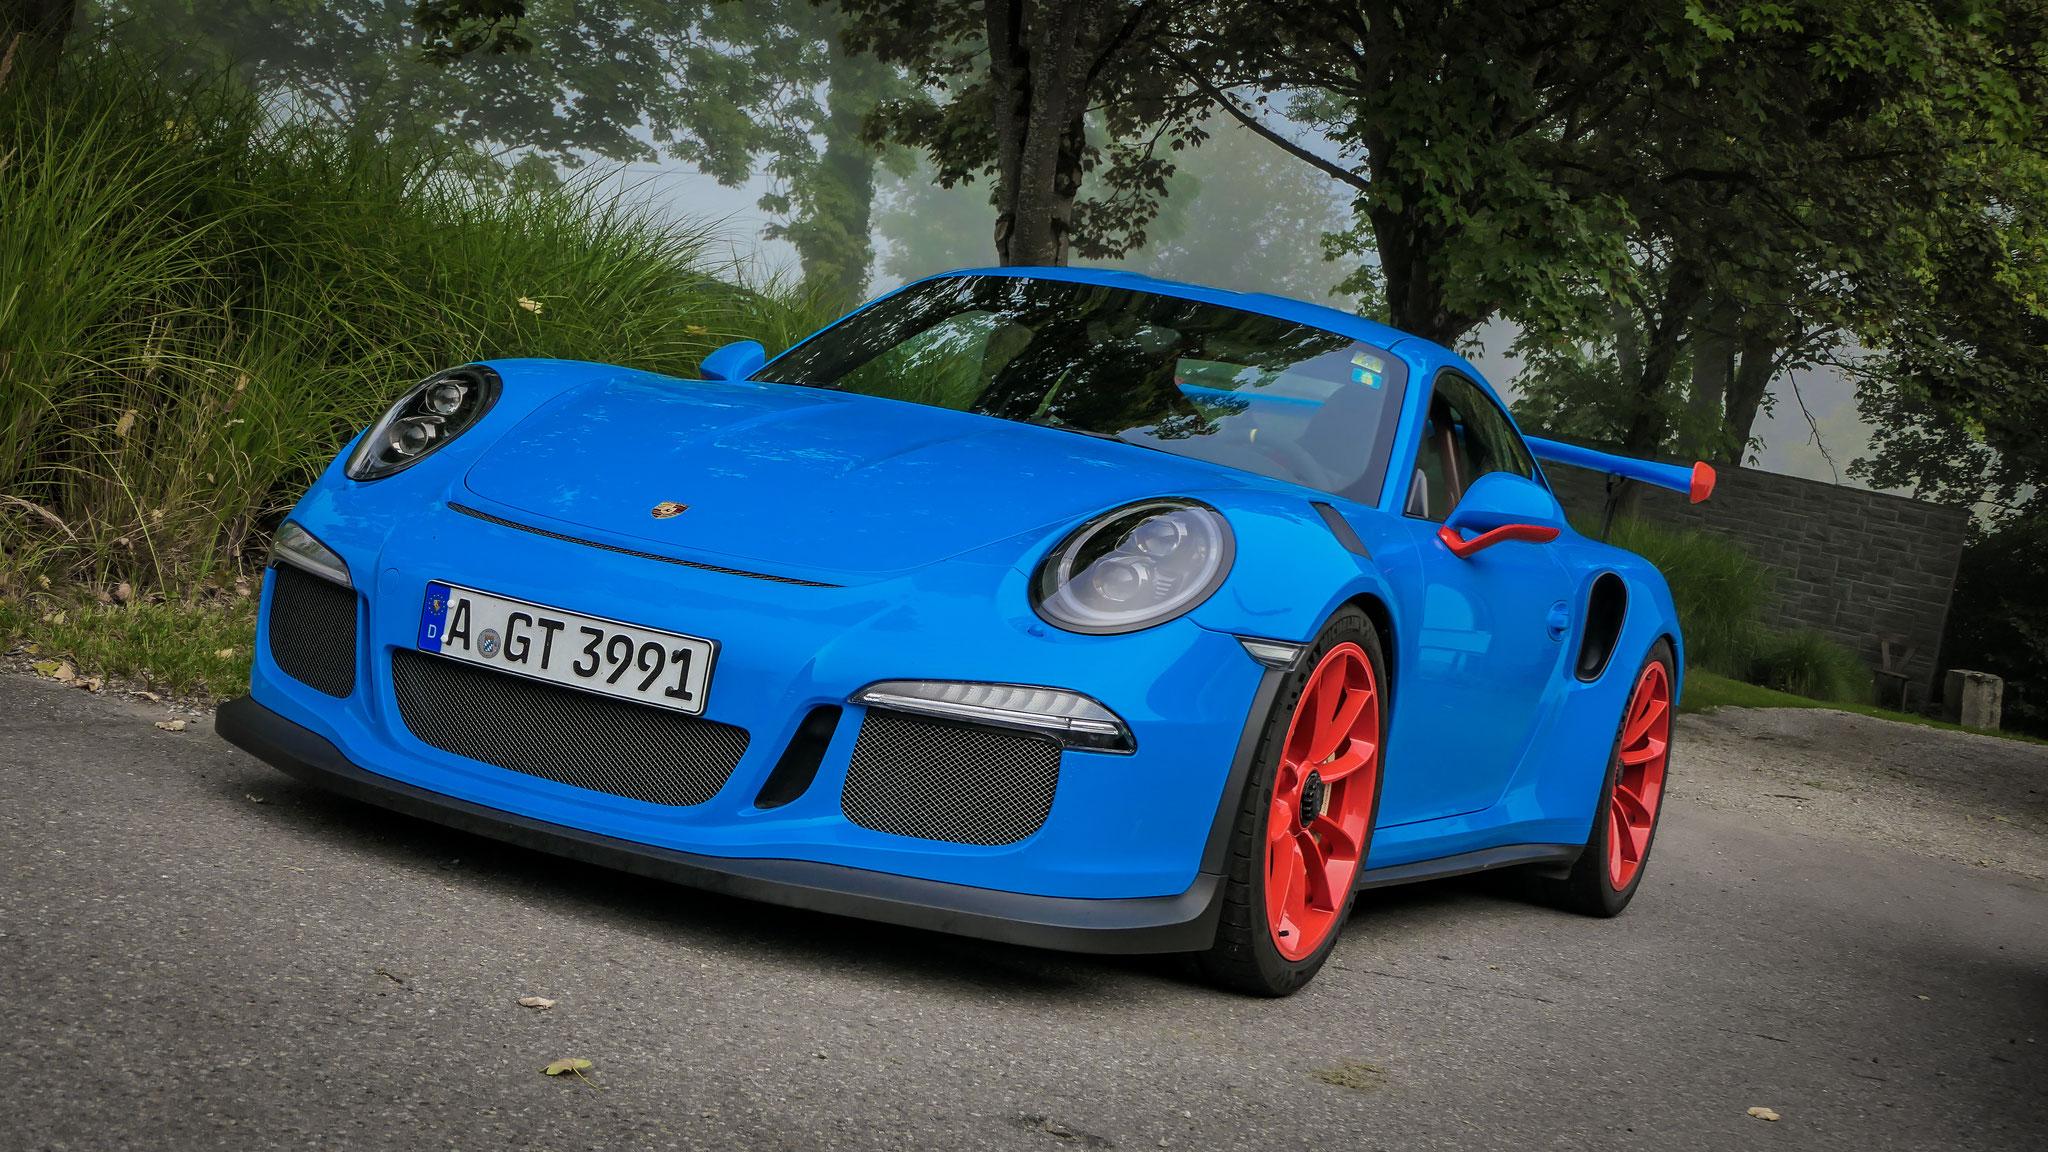 Porsche 911 GT3 RS - A-GT-3991